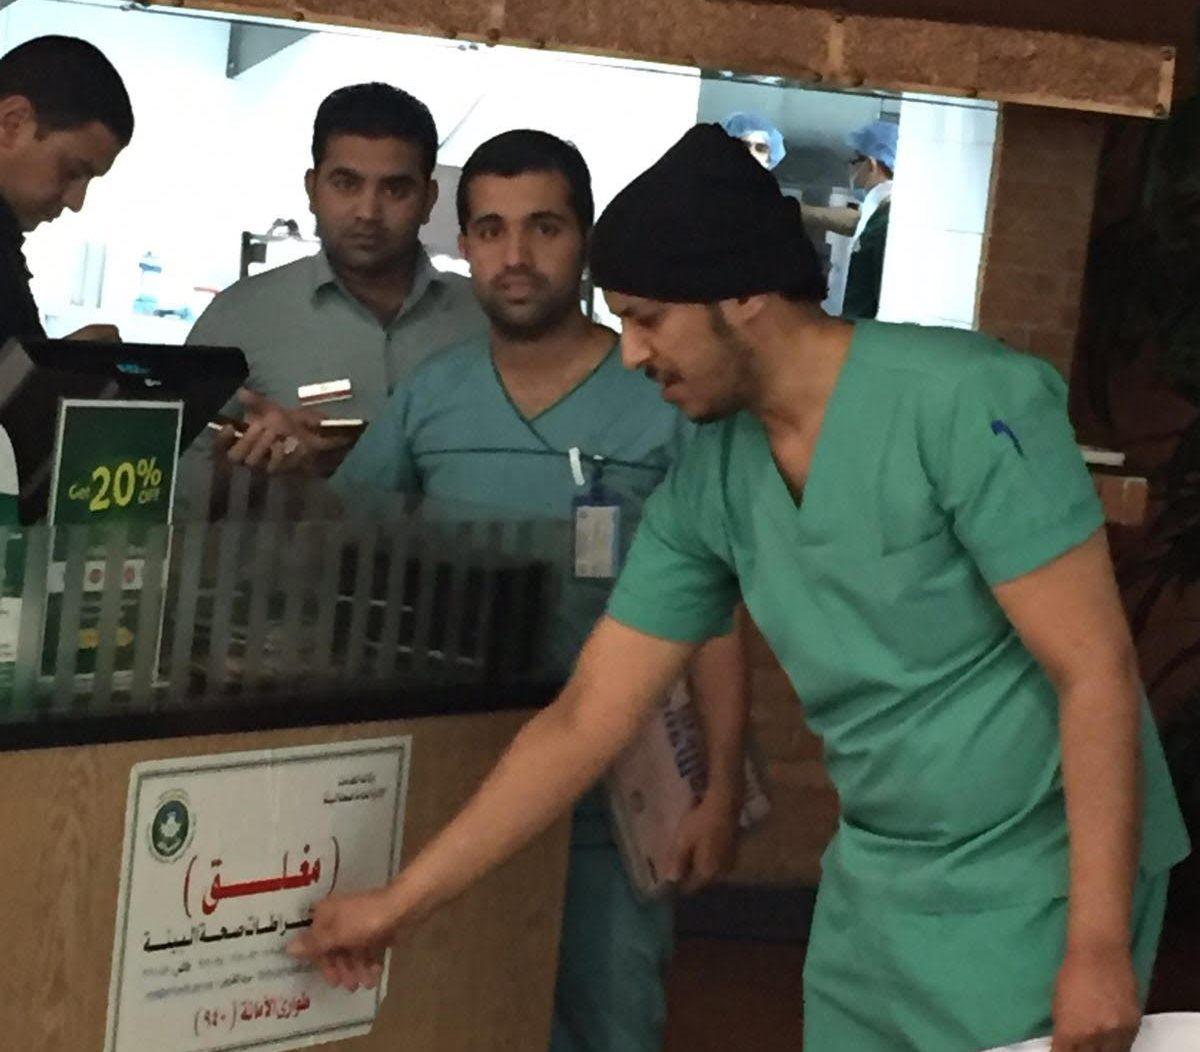 امانة الرياض ضبط مخالفات بمحل عطارة يخلط الادوية والمركبات العشبية (1)